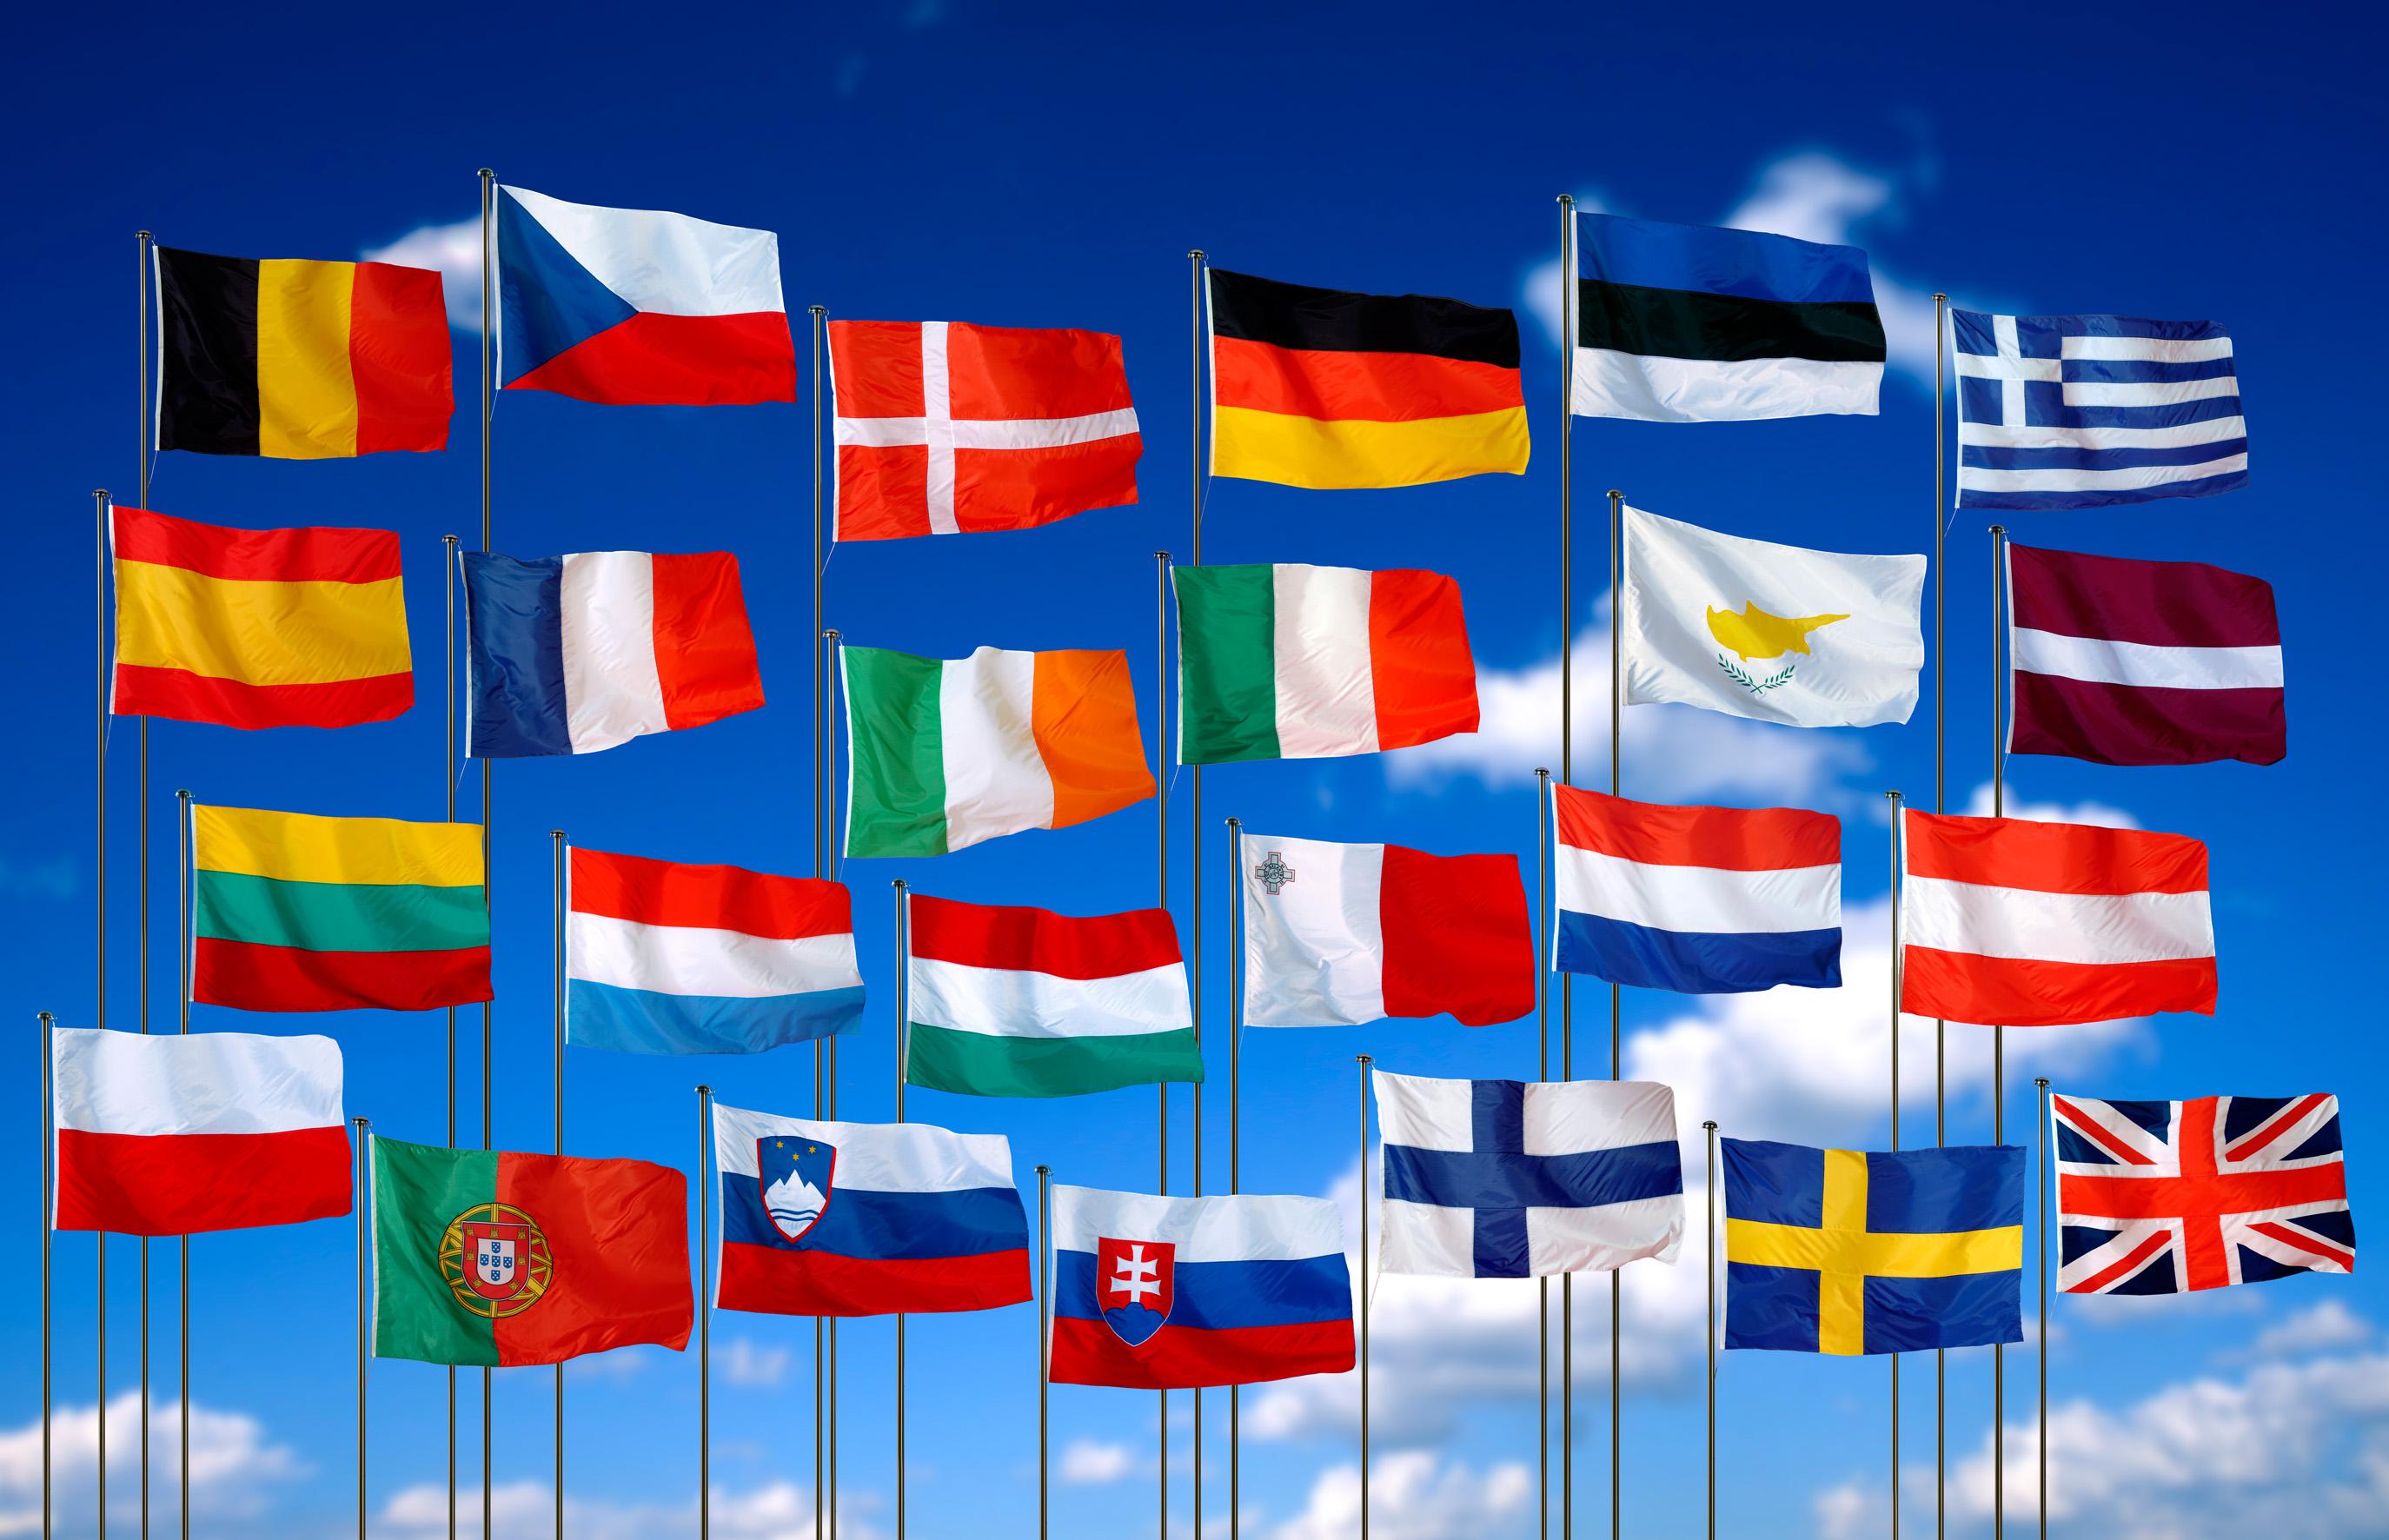 المفوضية الأوروبية تعرب عن قلقها بشأن الوضع المالي في إيطاليا